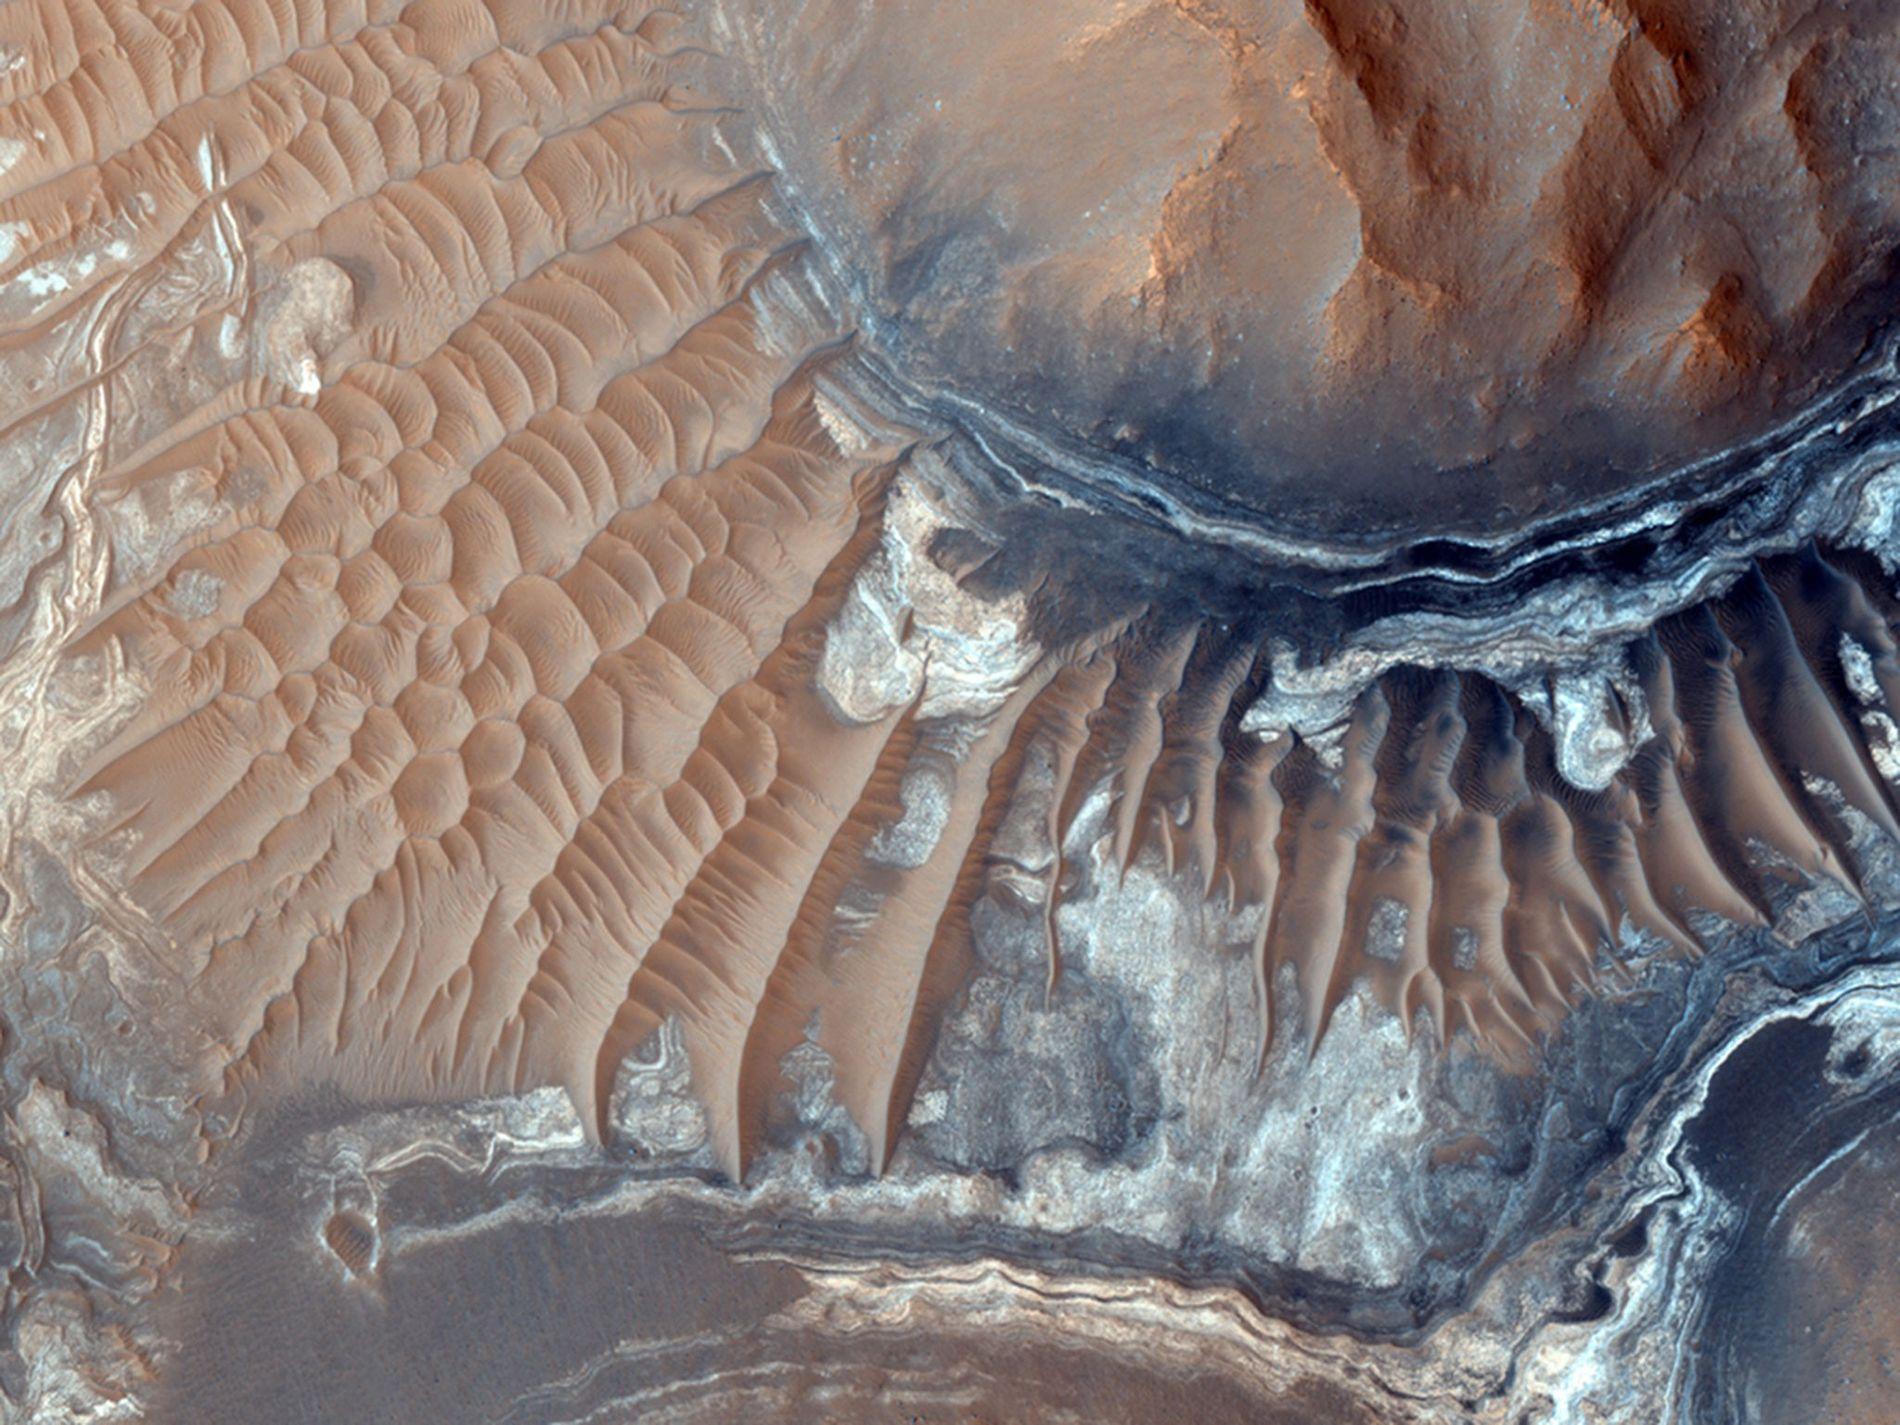 Des dunes de sable entourent Aram Chaos, un cratère d'impact érodé à l'est de la chaîne de canyons Valles Marineris, sur Mars.